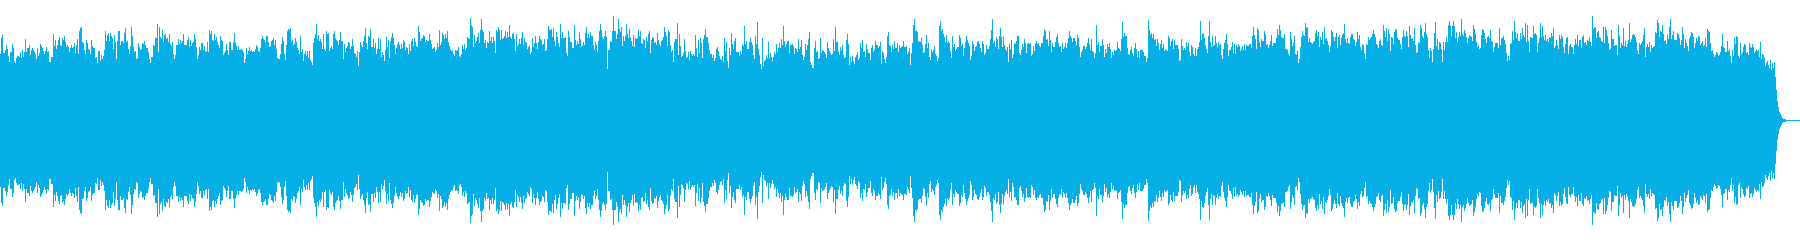 風の物語 竹笛の即興音楽の再生済みの波形